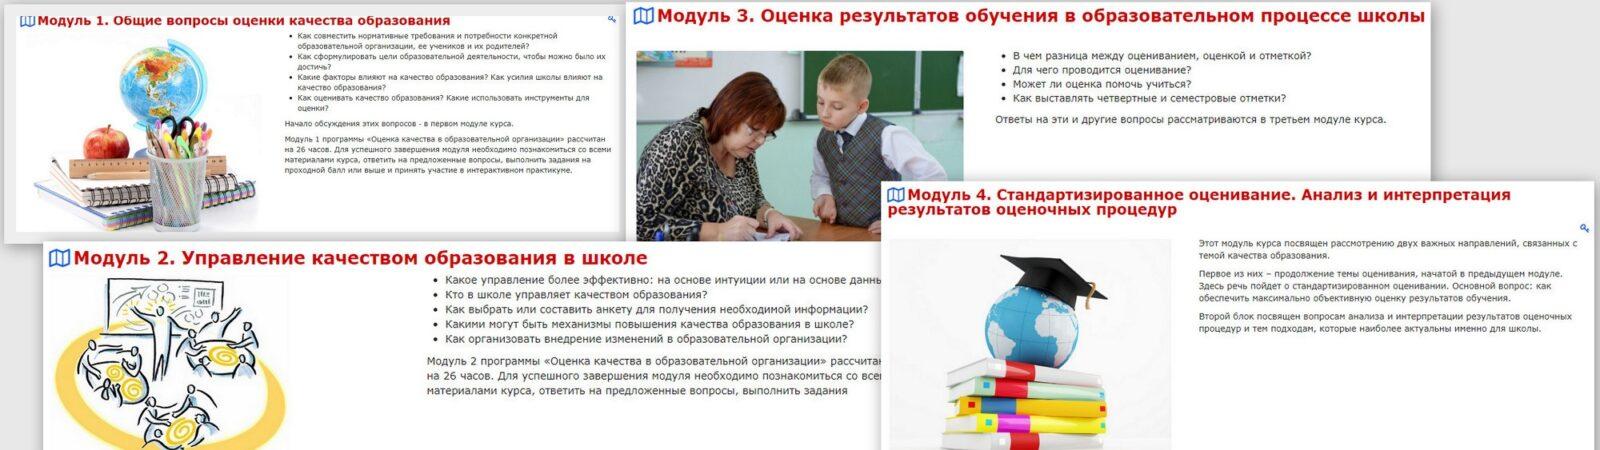 Развитие ЭО и ДОТ в Федеральном институте оценки качества образования (ФИОКО)